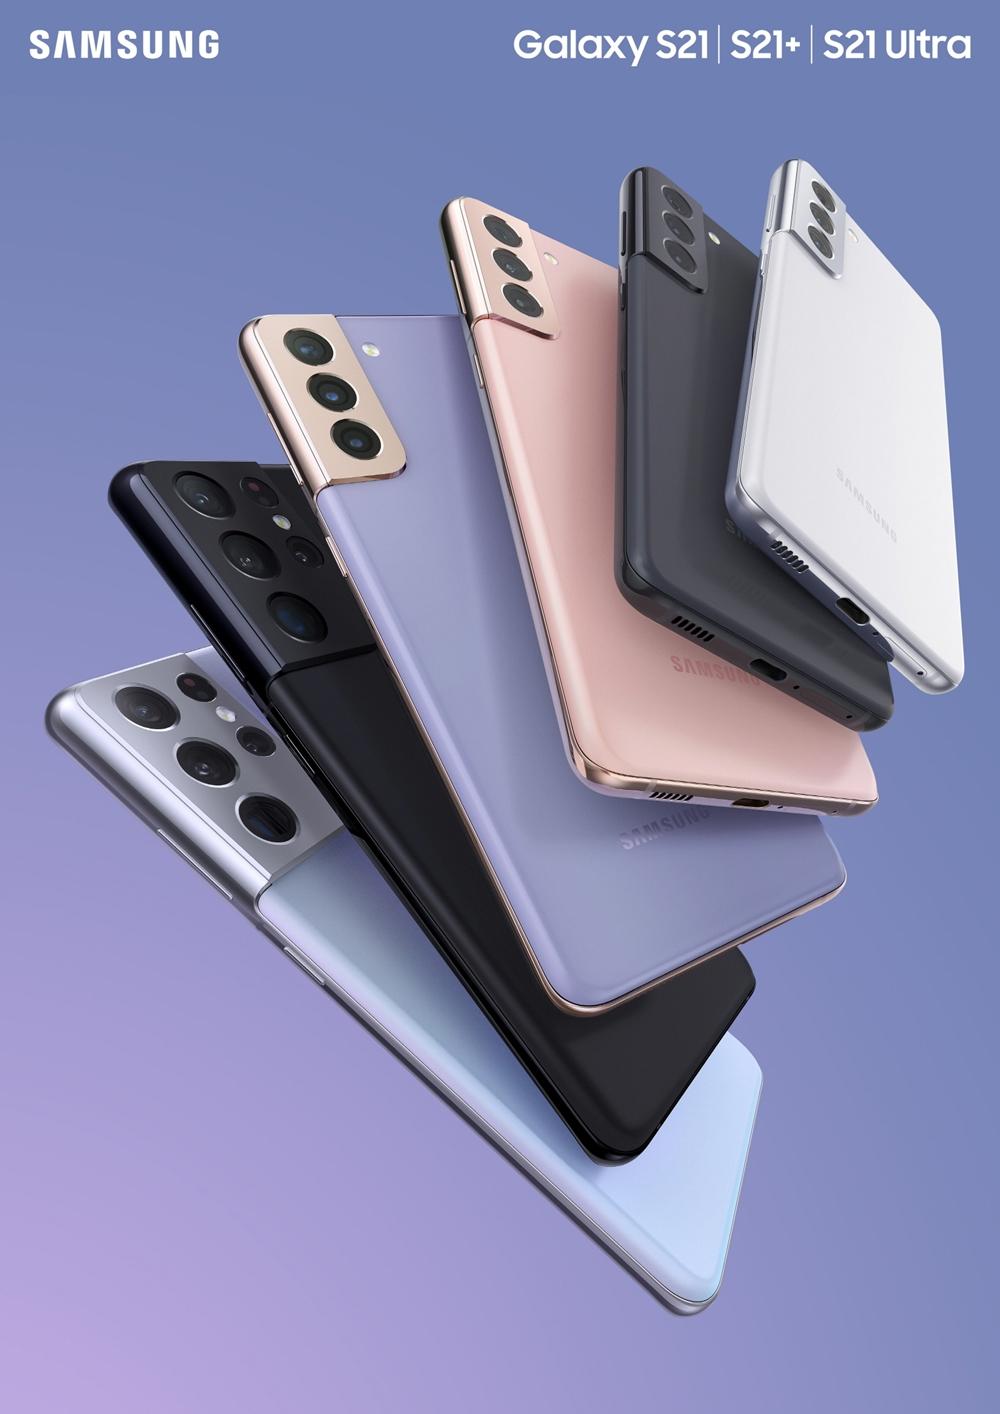 삼성 갤럭시 S21 제품 이미지